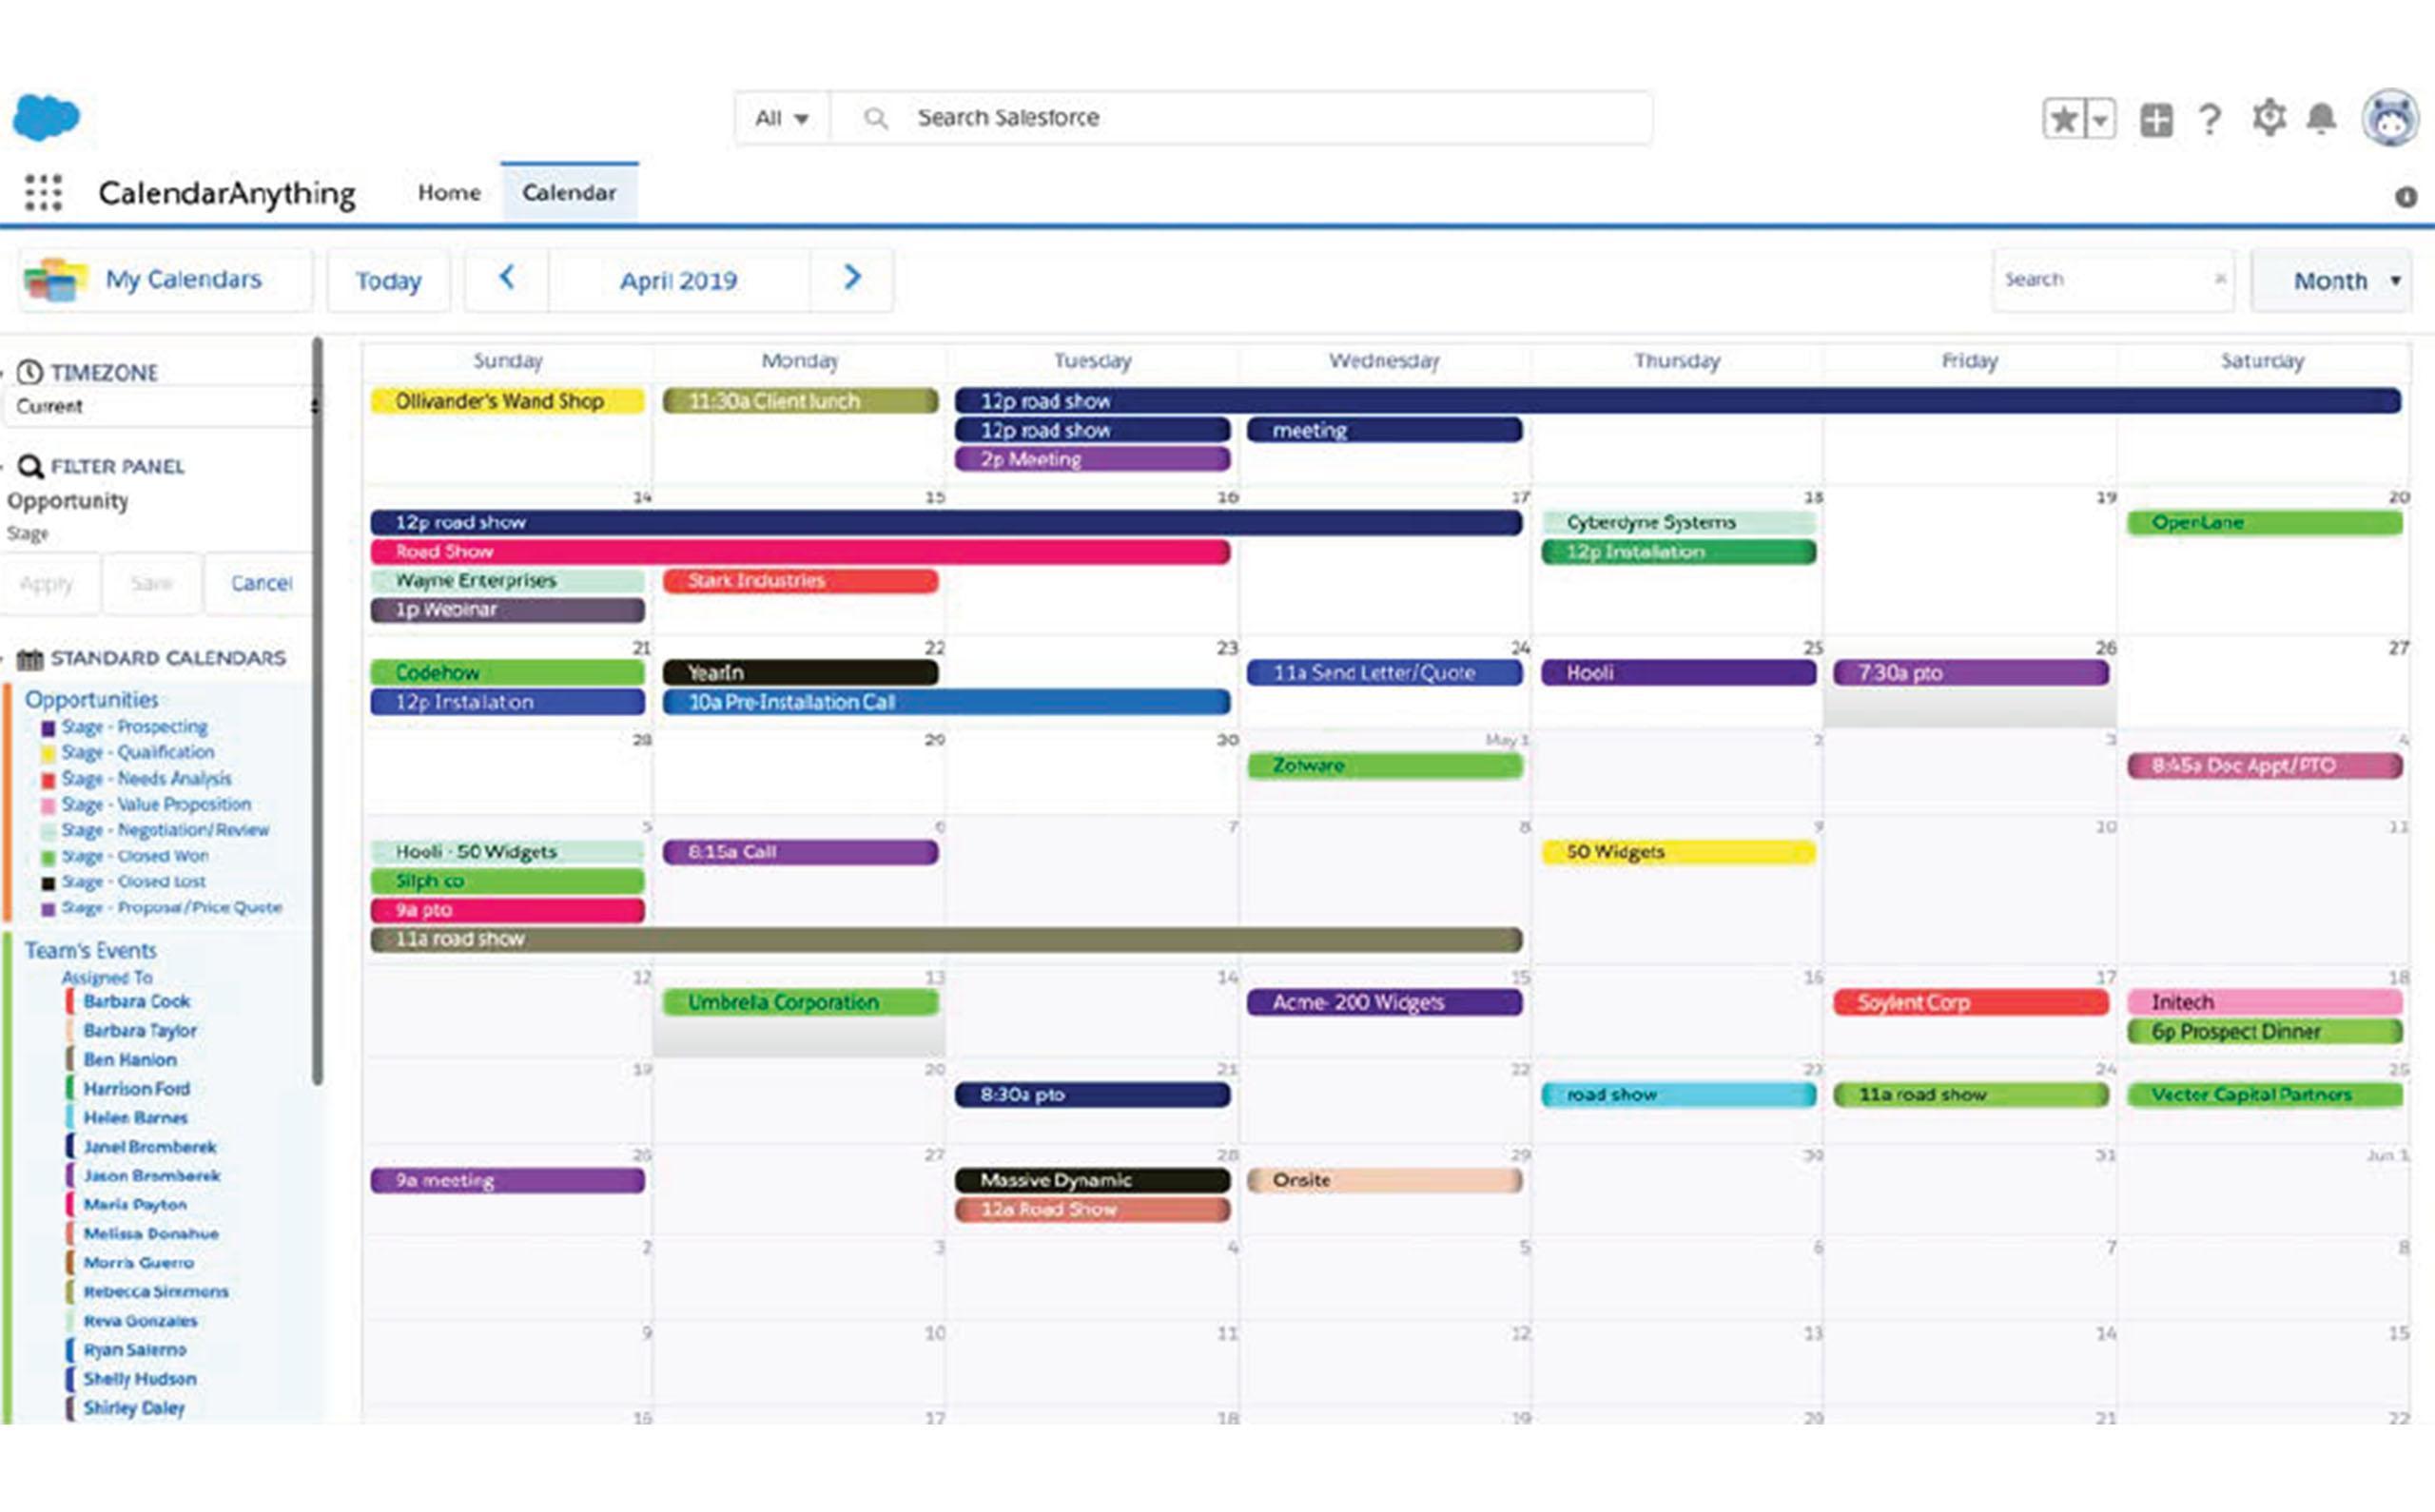 Calendar Anything